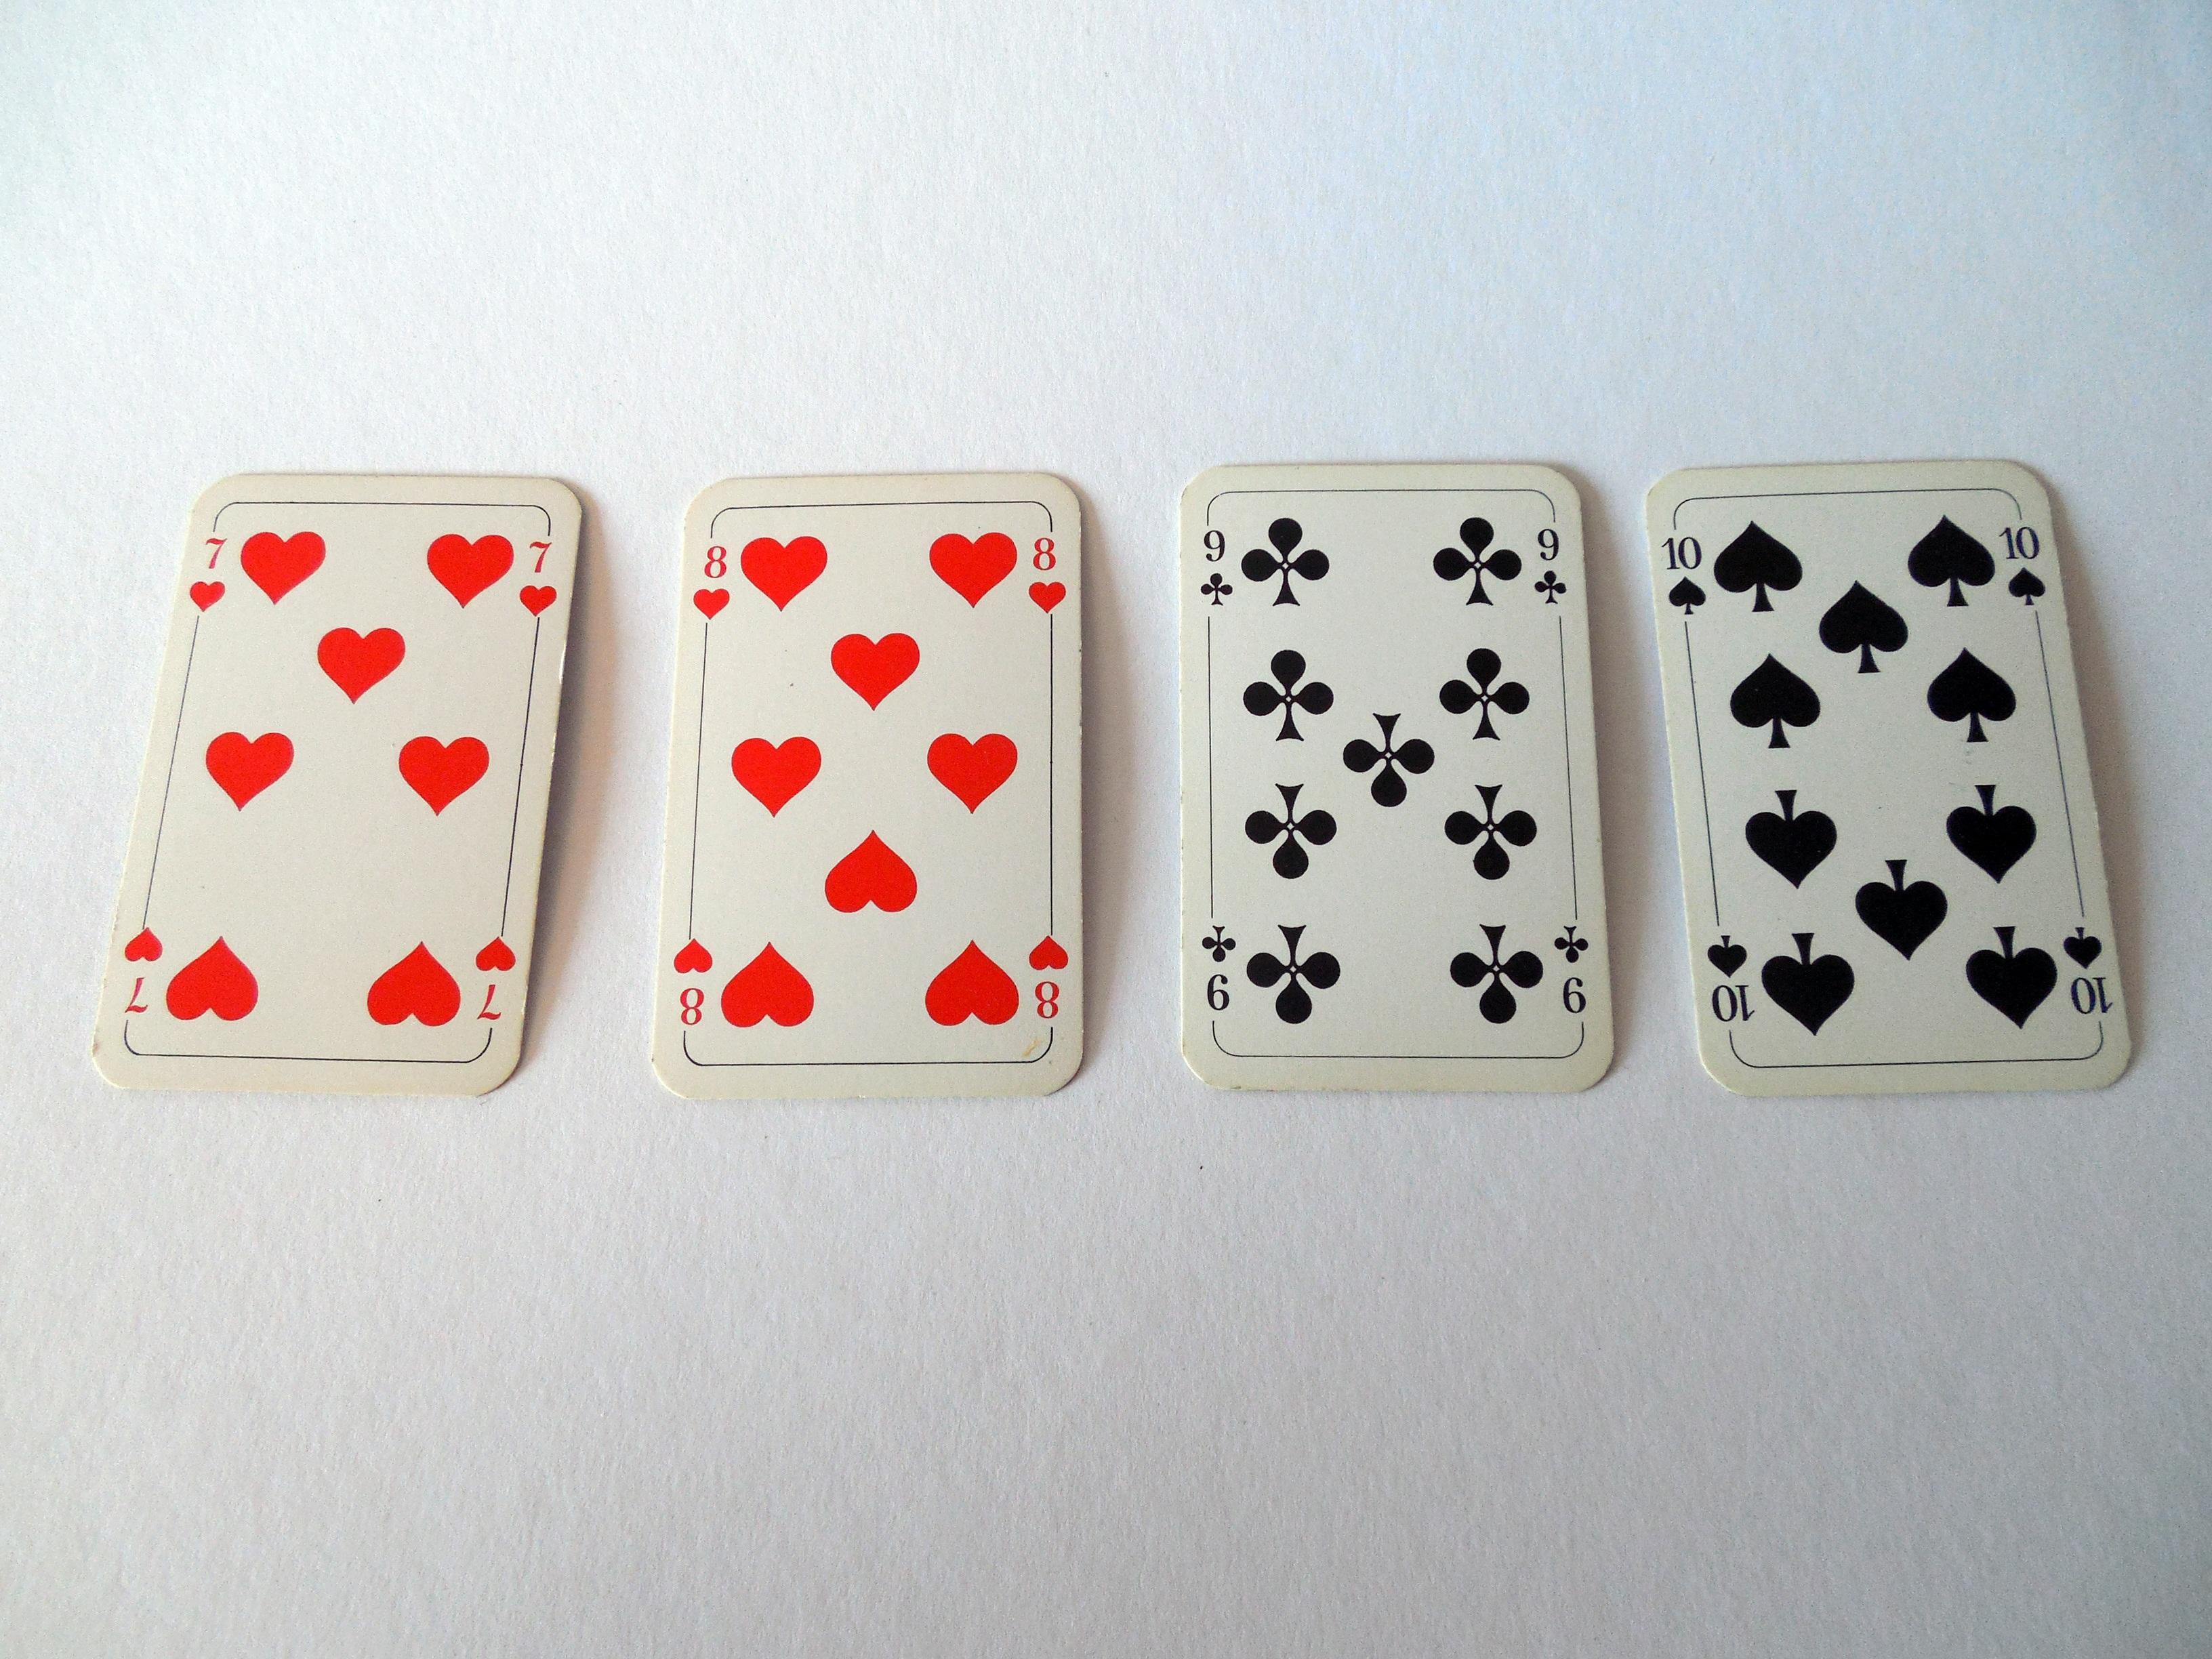 Играть бесплатно настольные азартные игры живые обои на андроид игровые автоматы